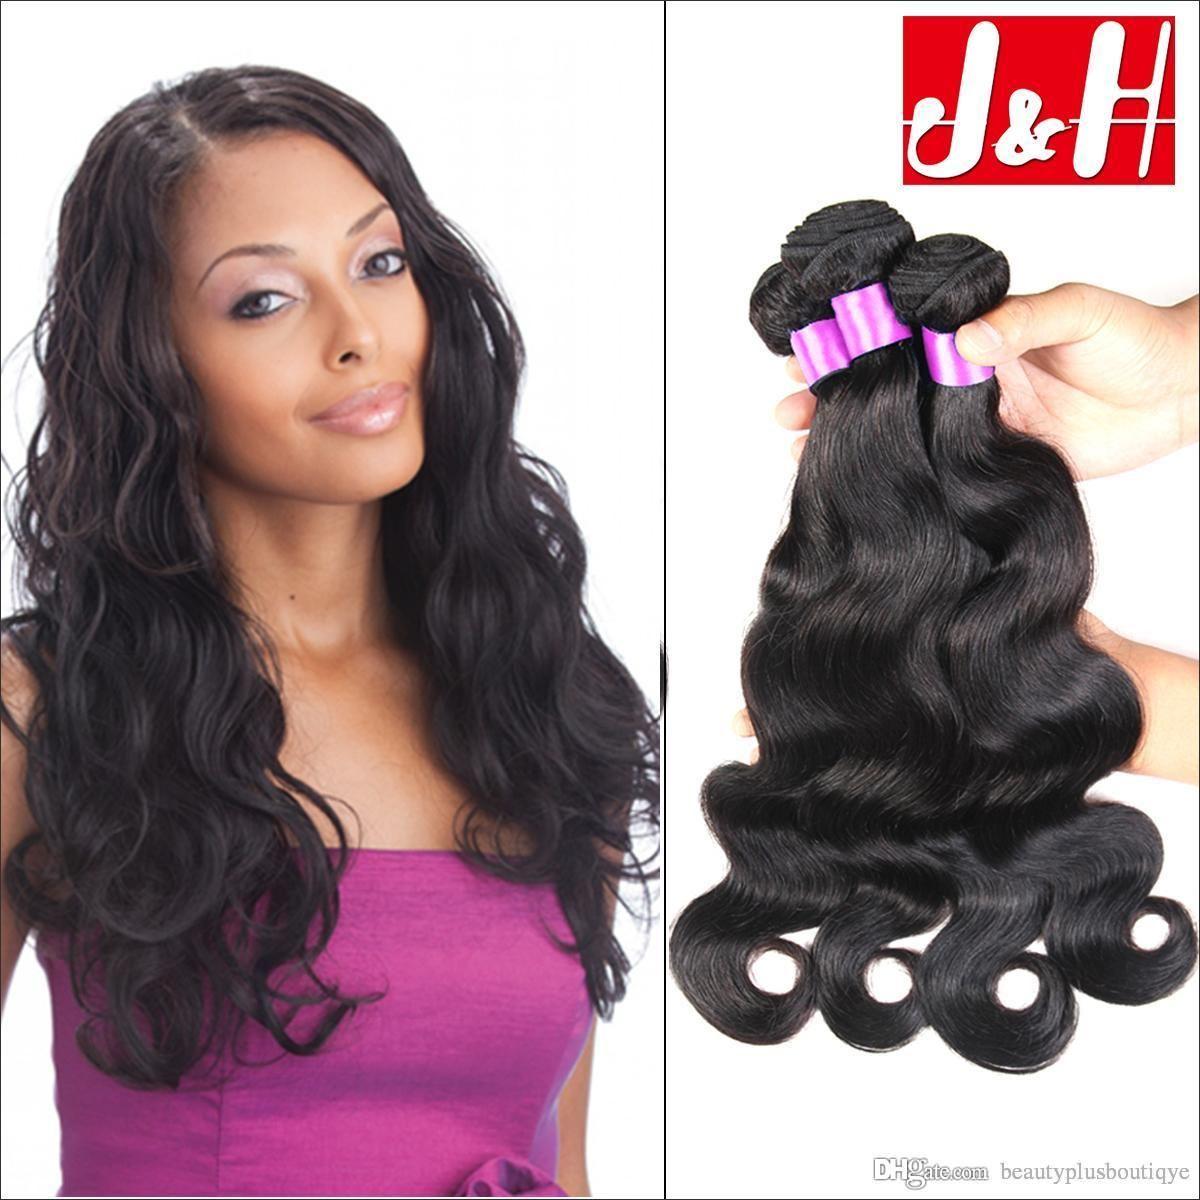 2019 的 Brazilian Hair Unprocessed Human Hair Weaves